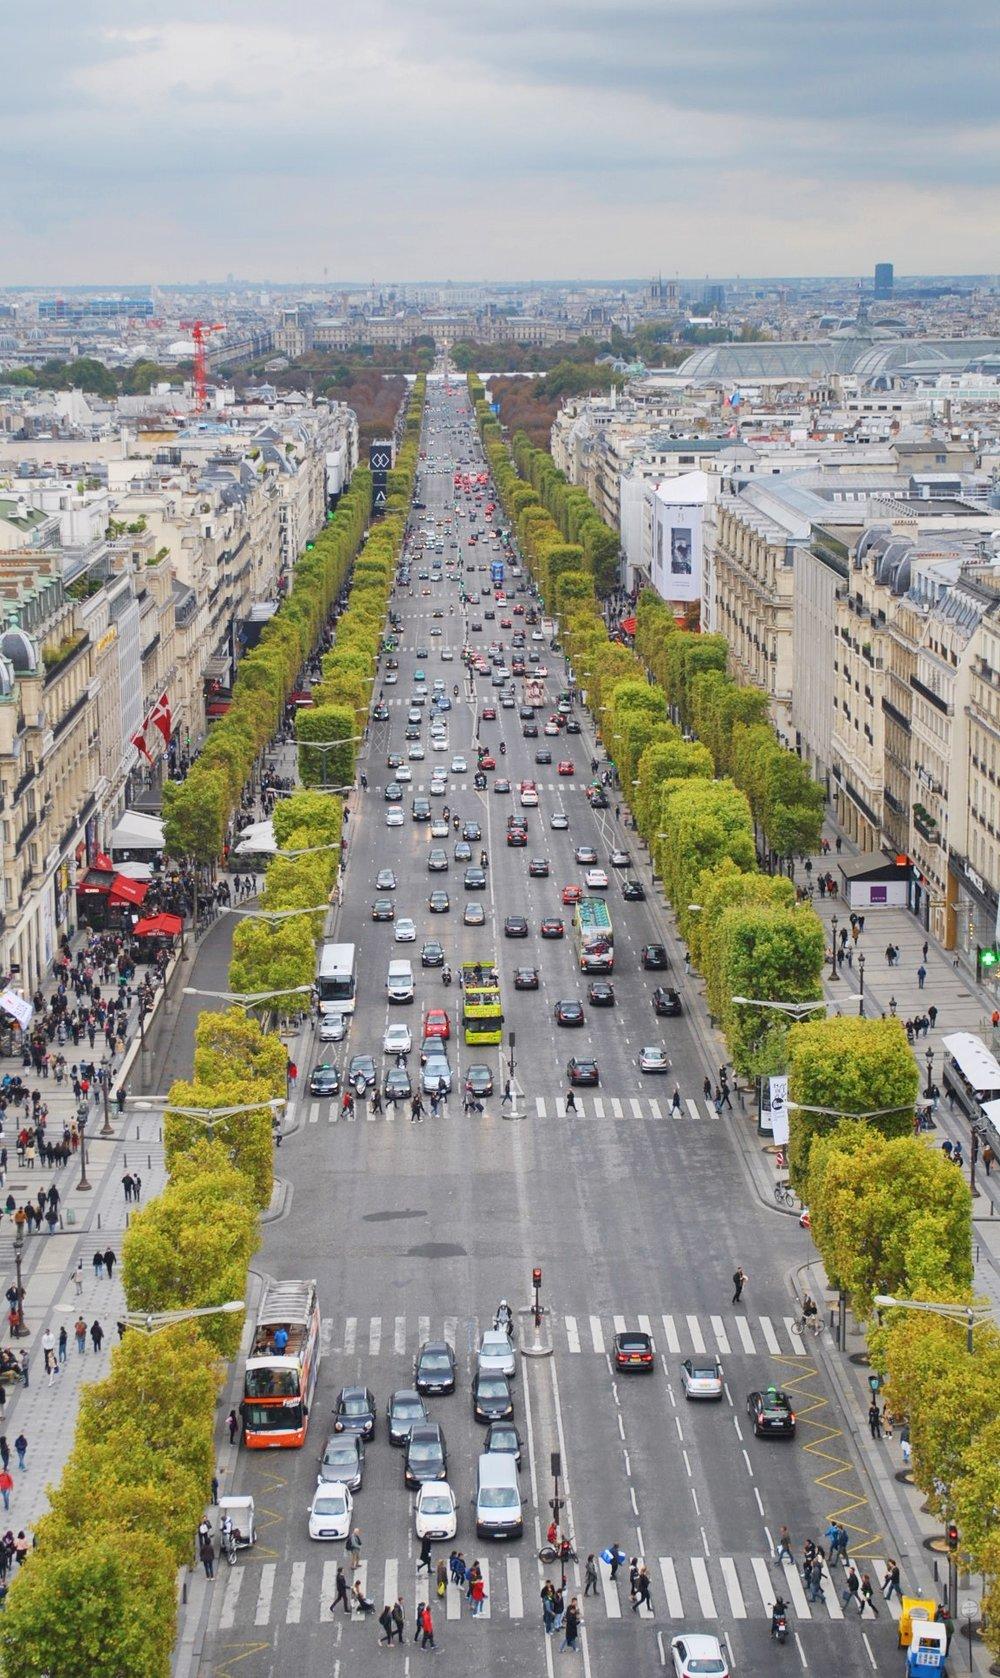 Champs de elysee-Paris-Decorateur Chic-Glamorous family Travel.JPG